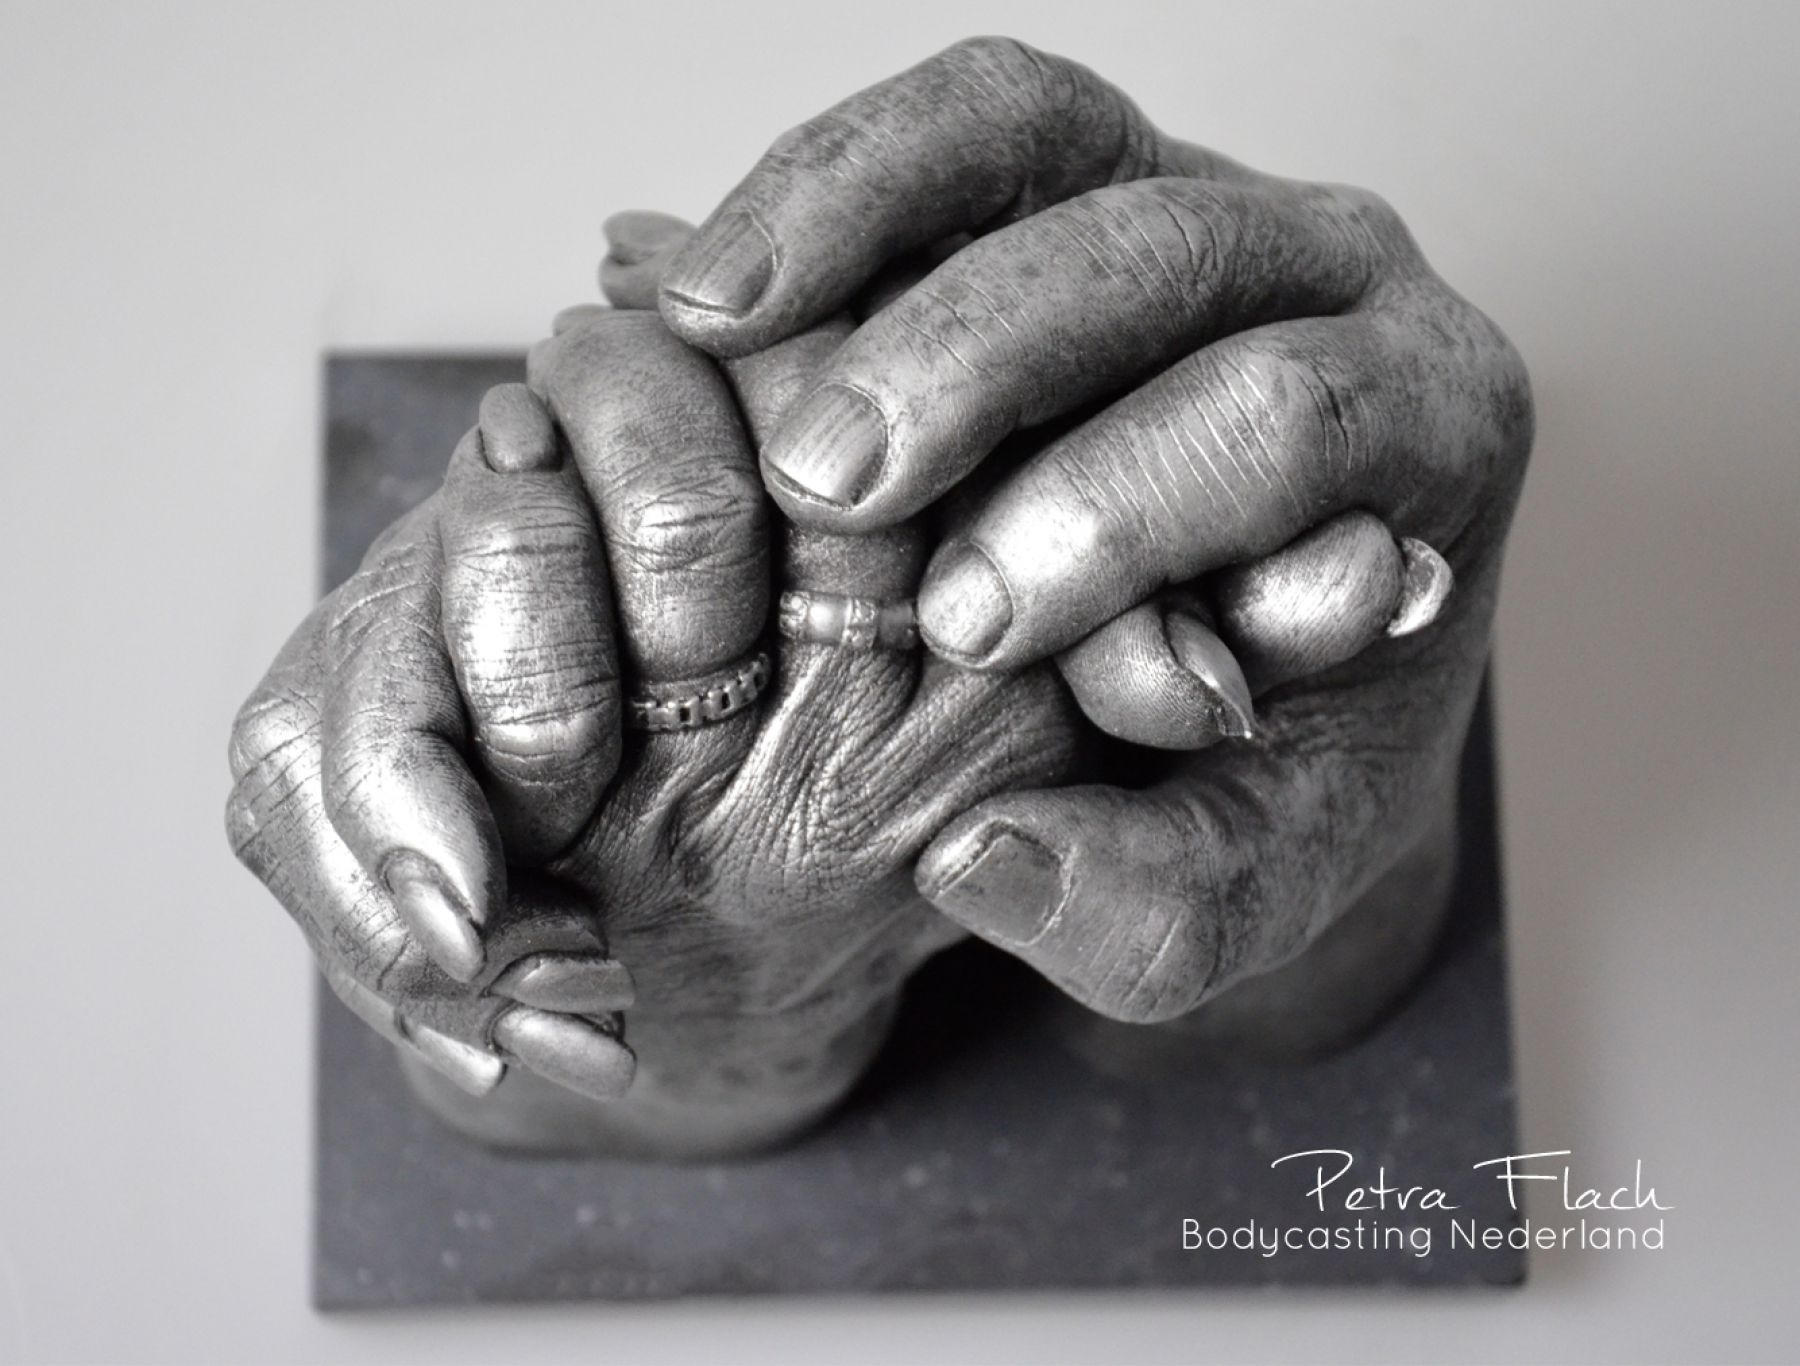 Handbeeld-handen-hands-bodycasting-lifecasting-petraflach-reeuwijk-bodycastingnederland-3Dcasting-gipsbeeld-handafdruk-afdrukhanden-kunst-art